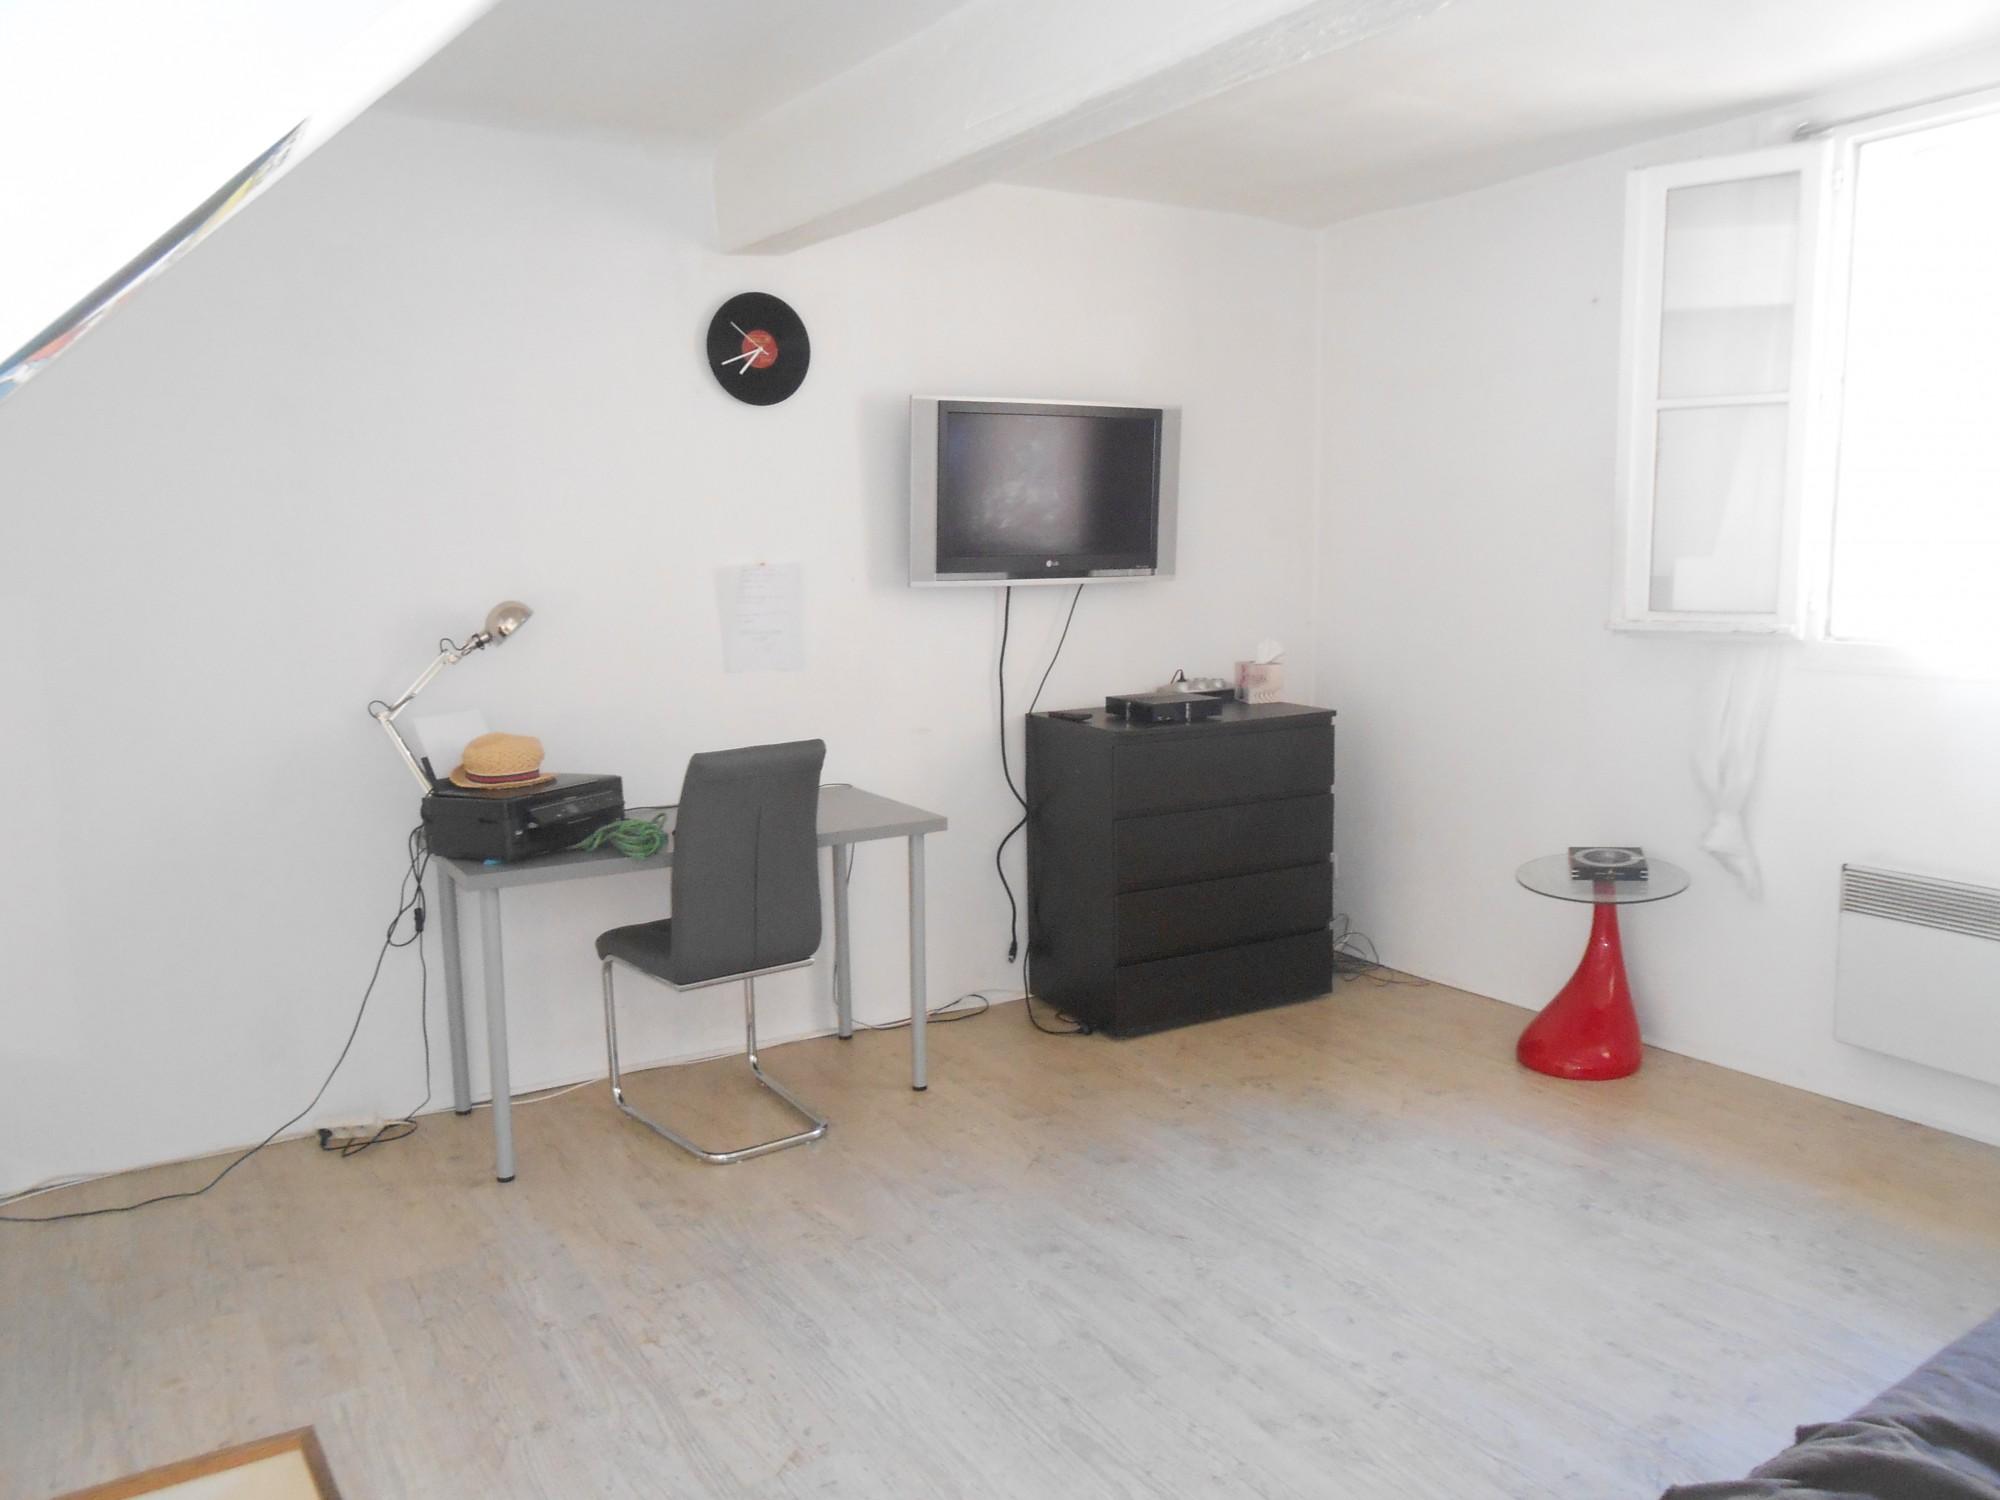 Location appartement Aix en Provence : trouver avec facilité